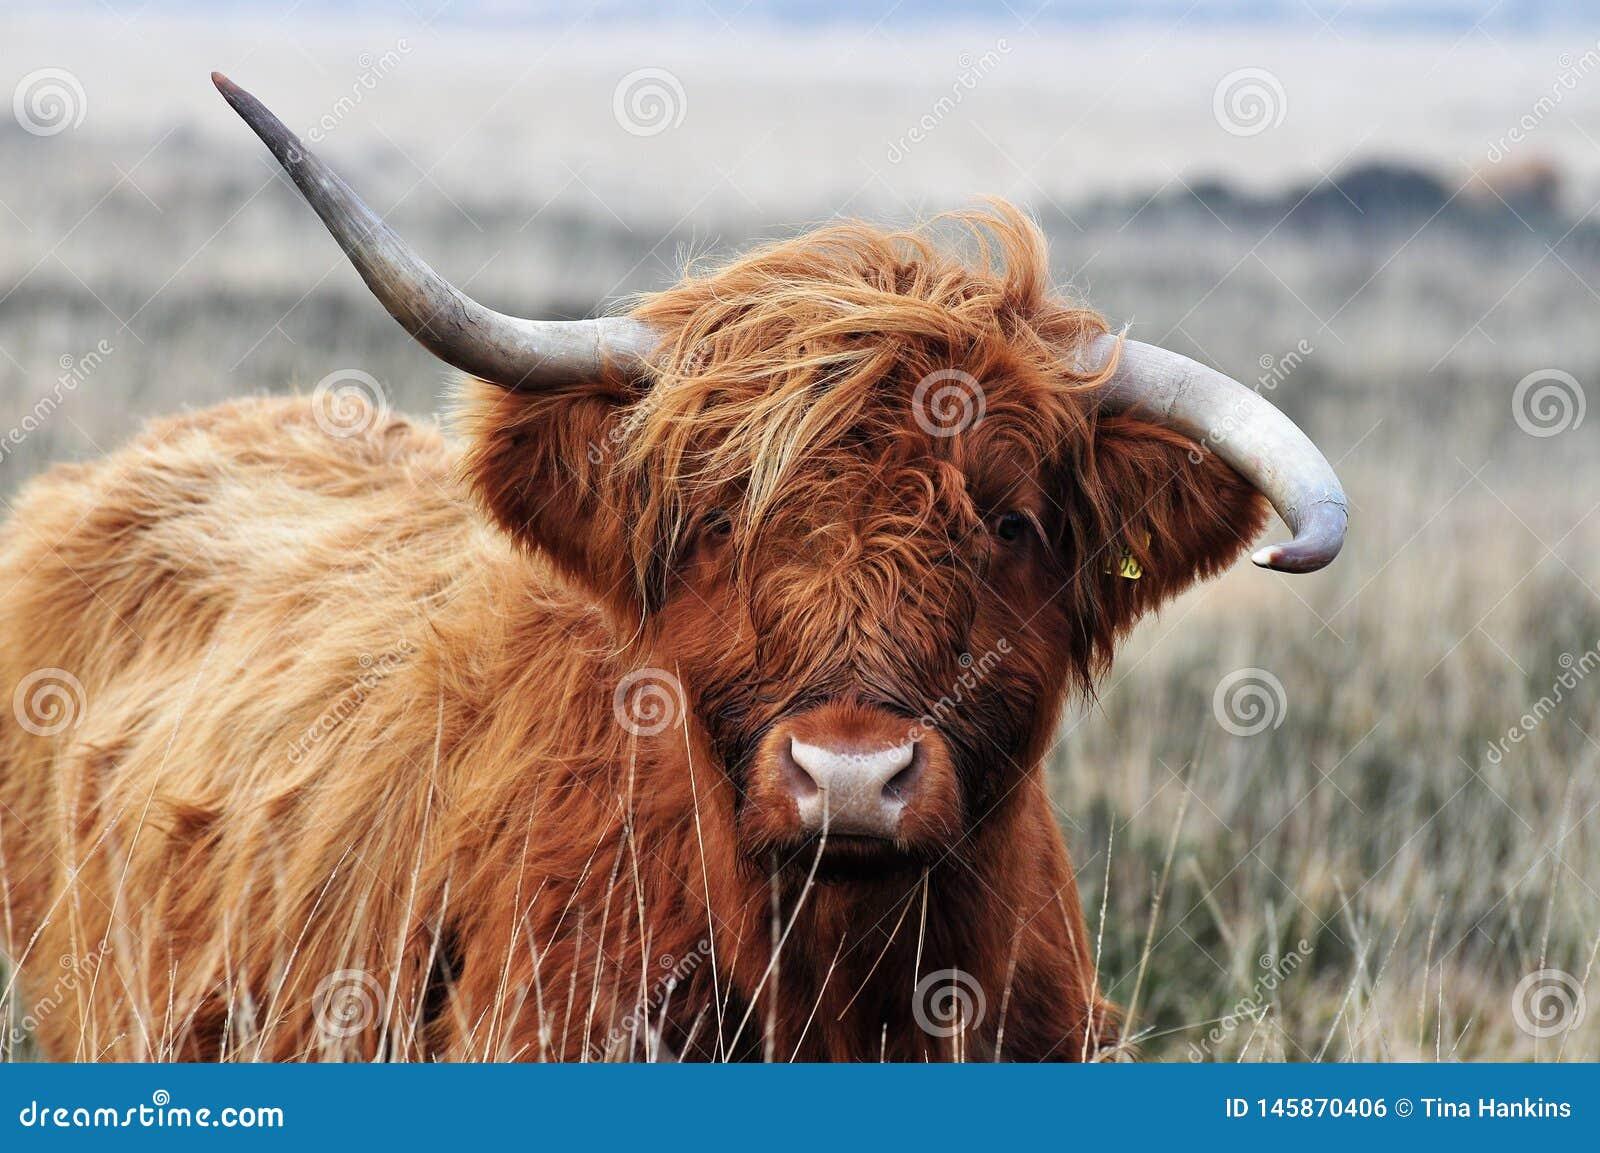 Scottish Highland Cow With Wonky Horns Stock Photo Image